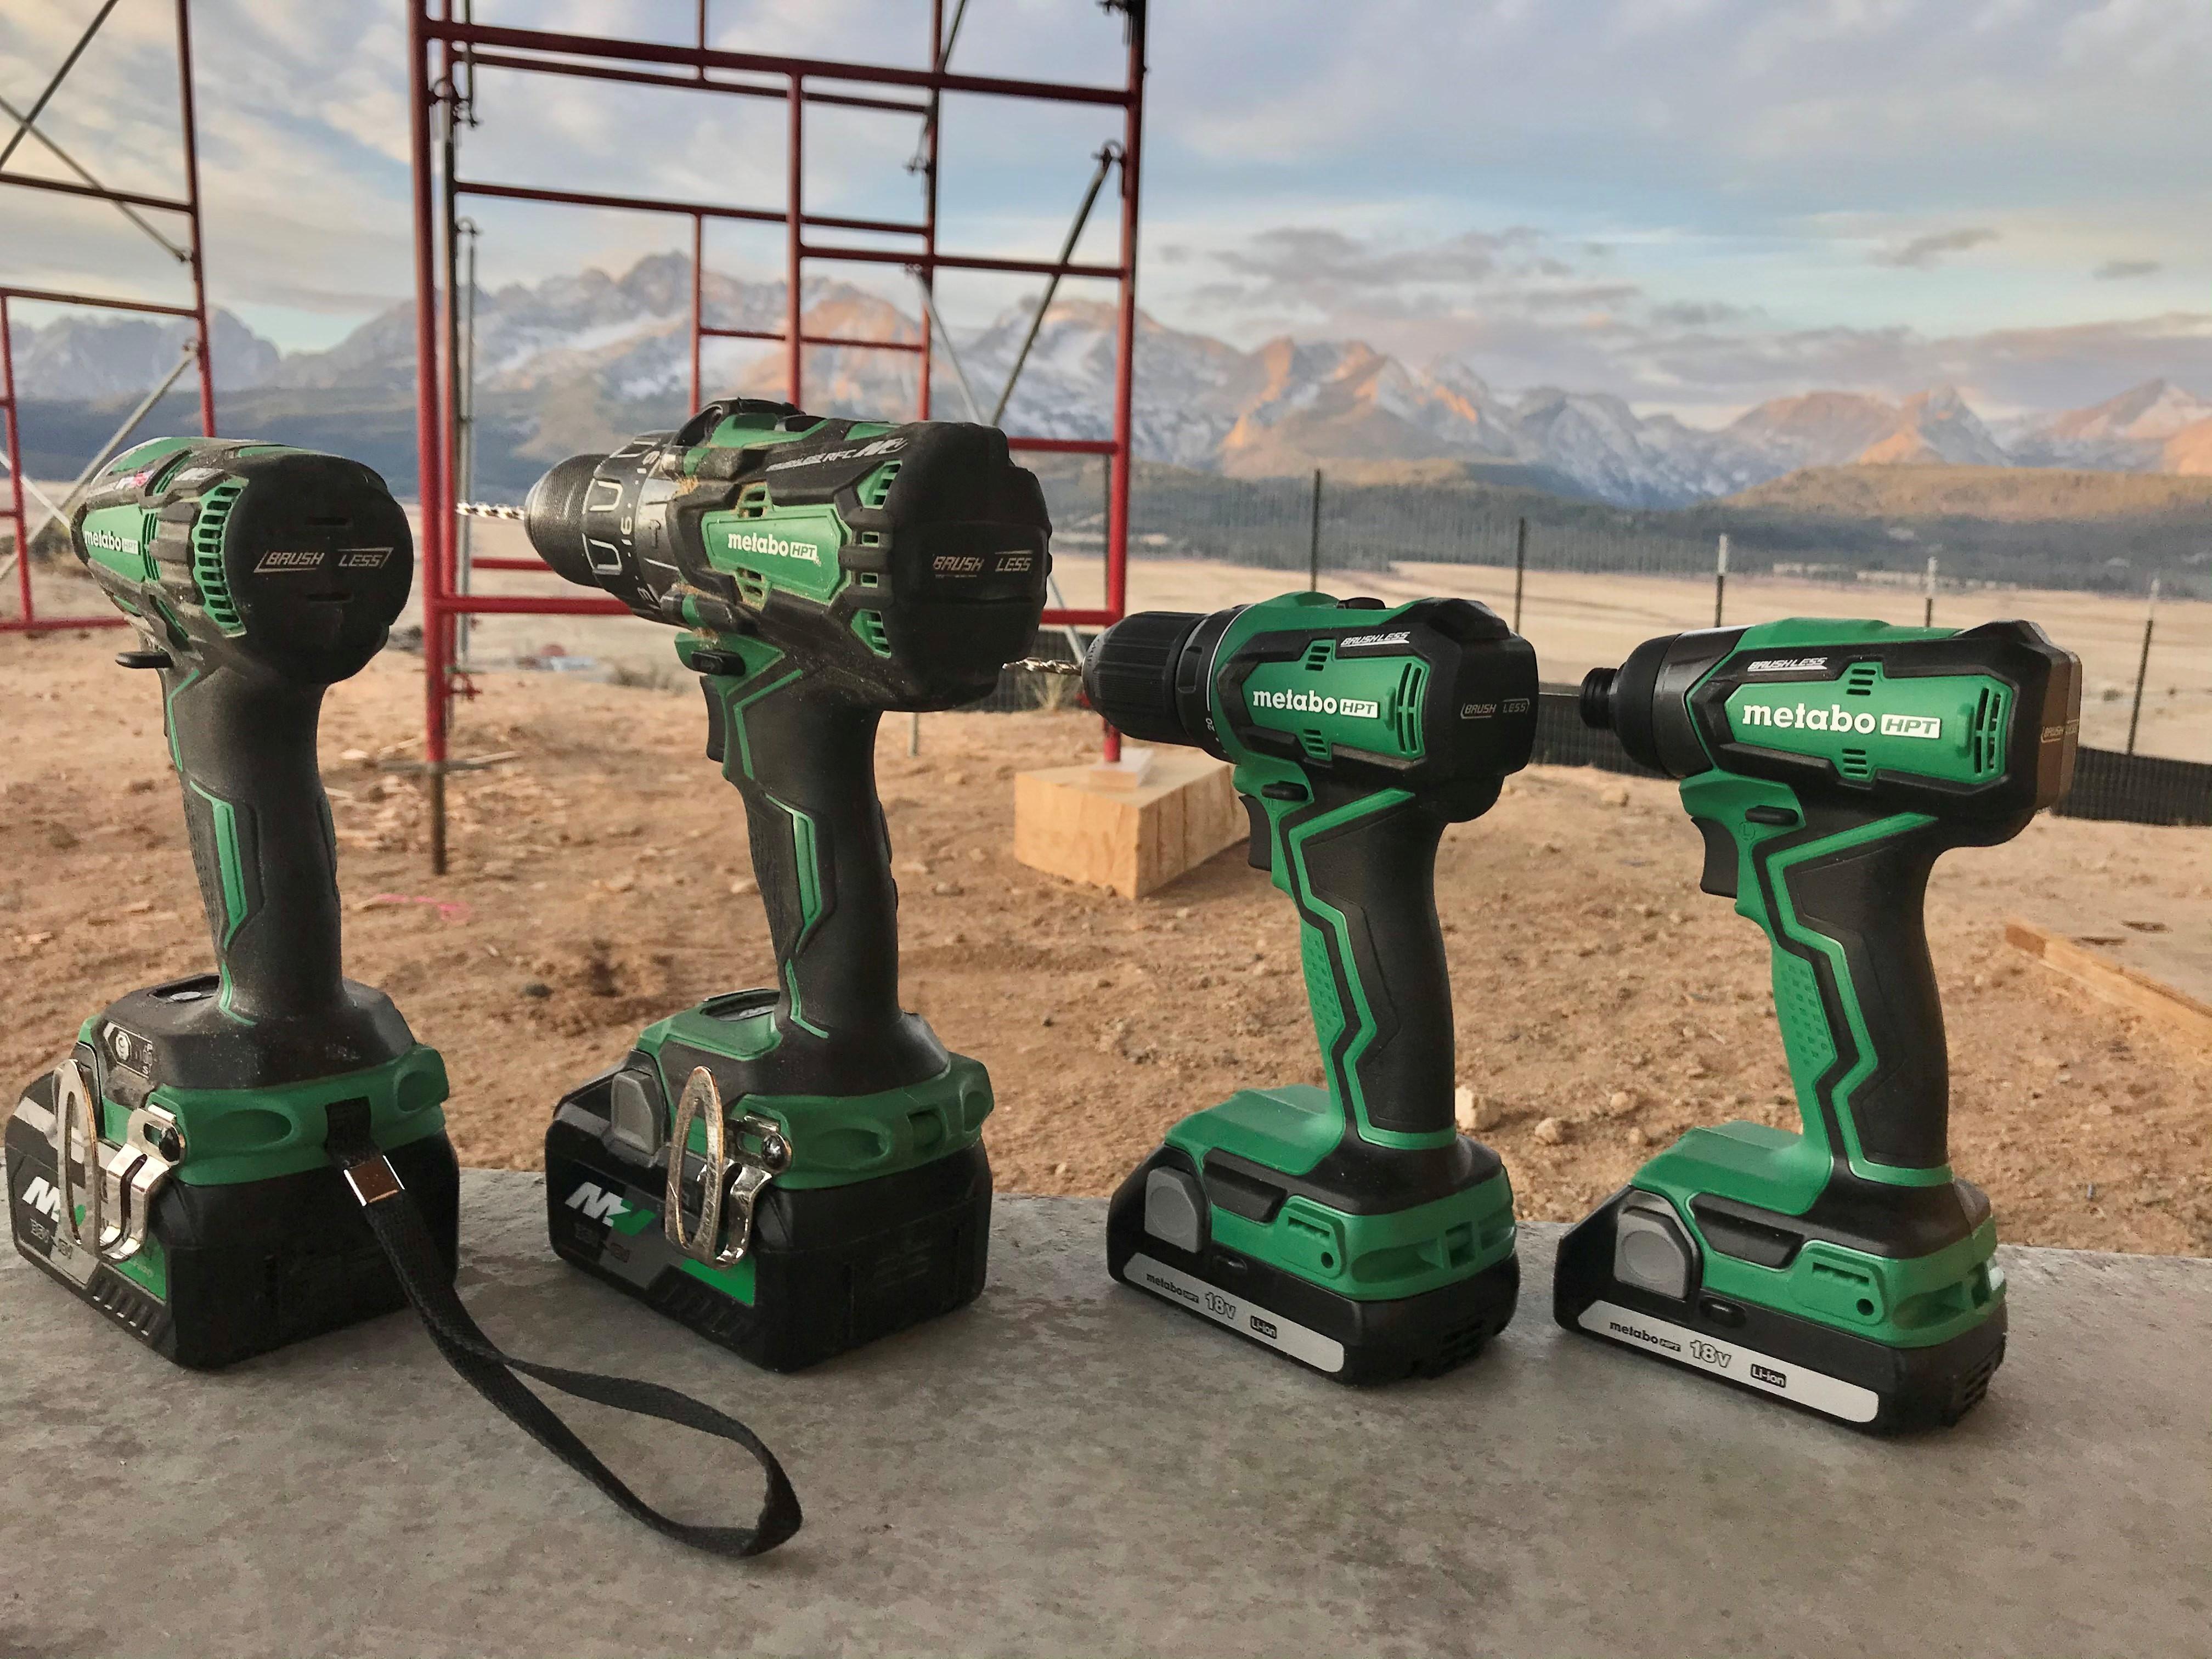 MultVolt System of Cordless Power Tools